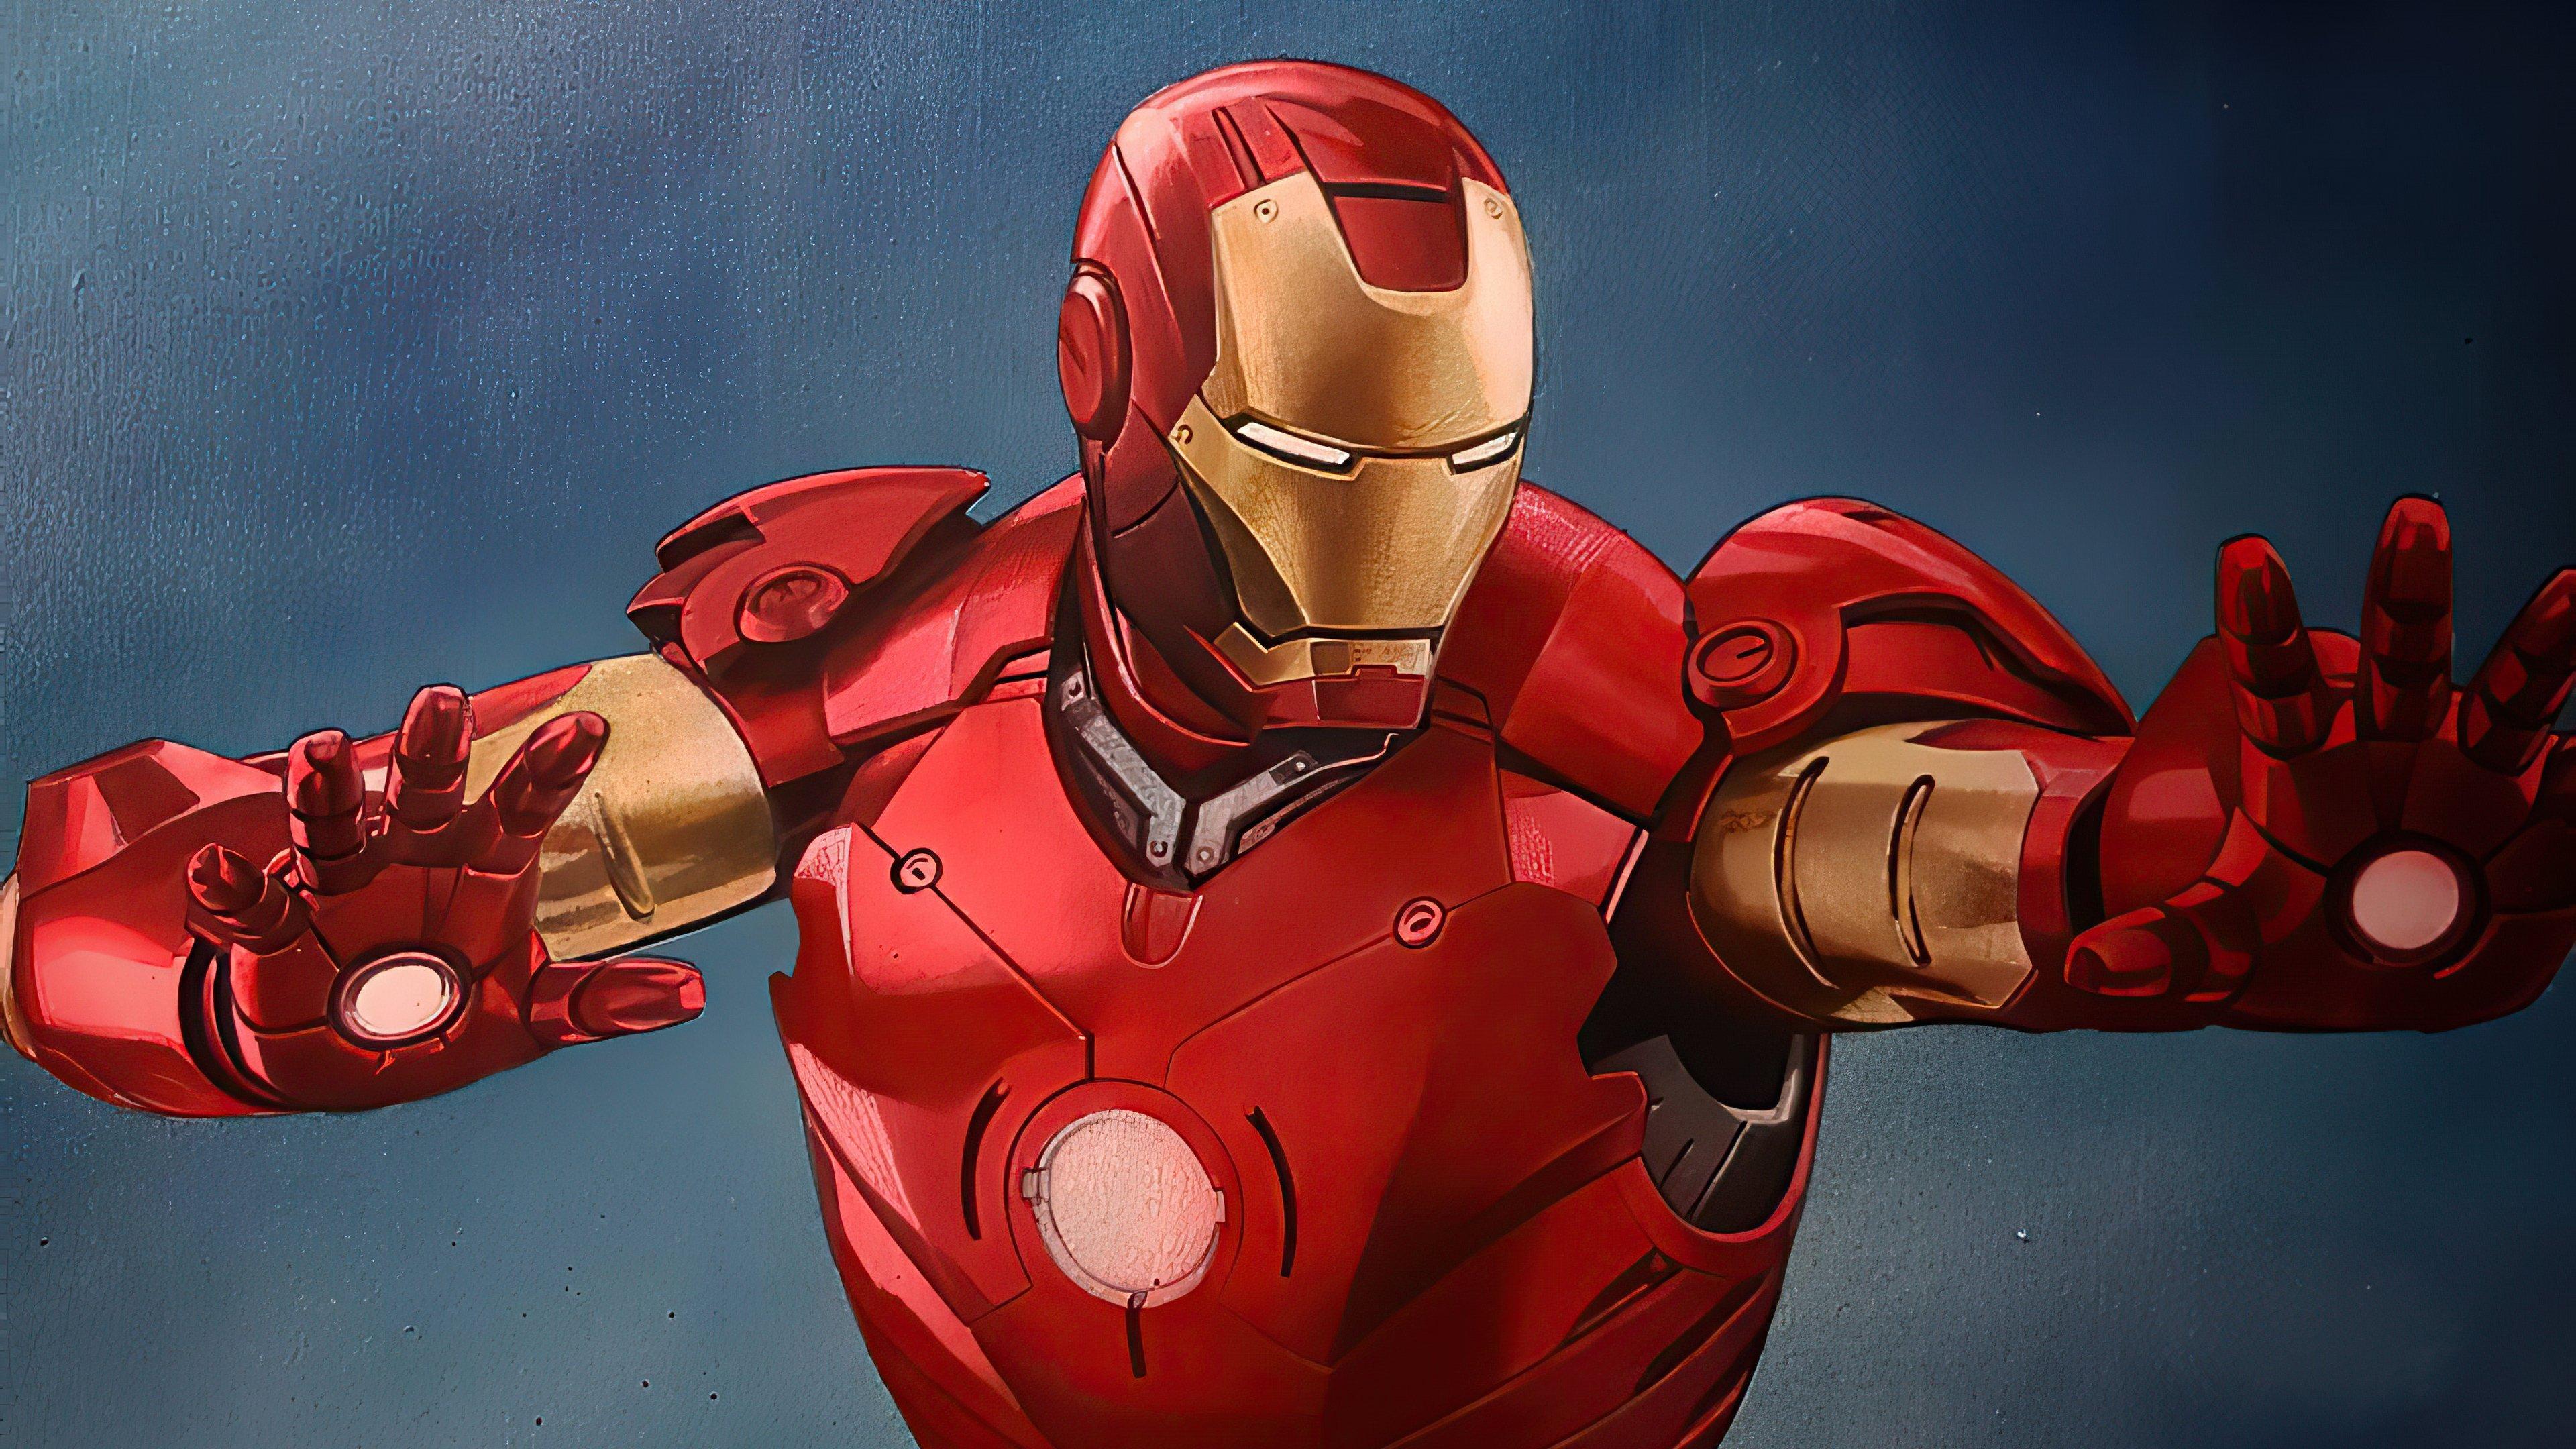 Wallpaper Iron Man attacking